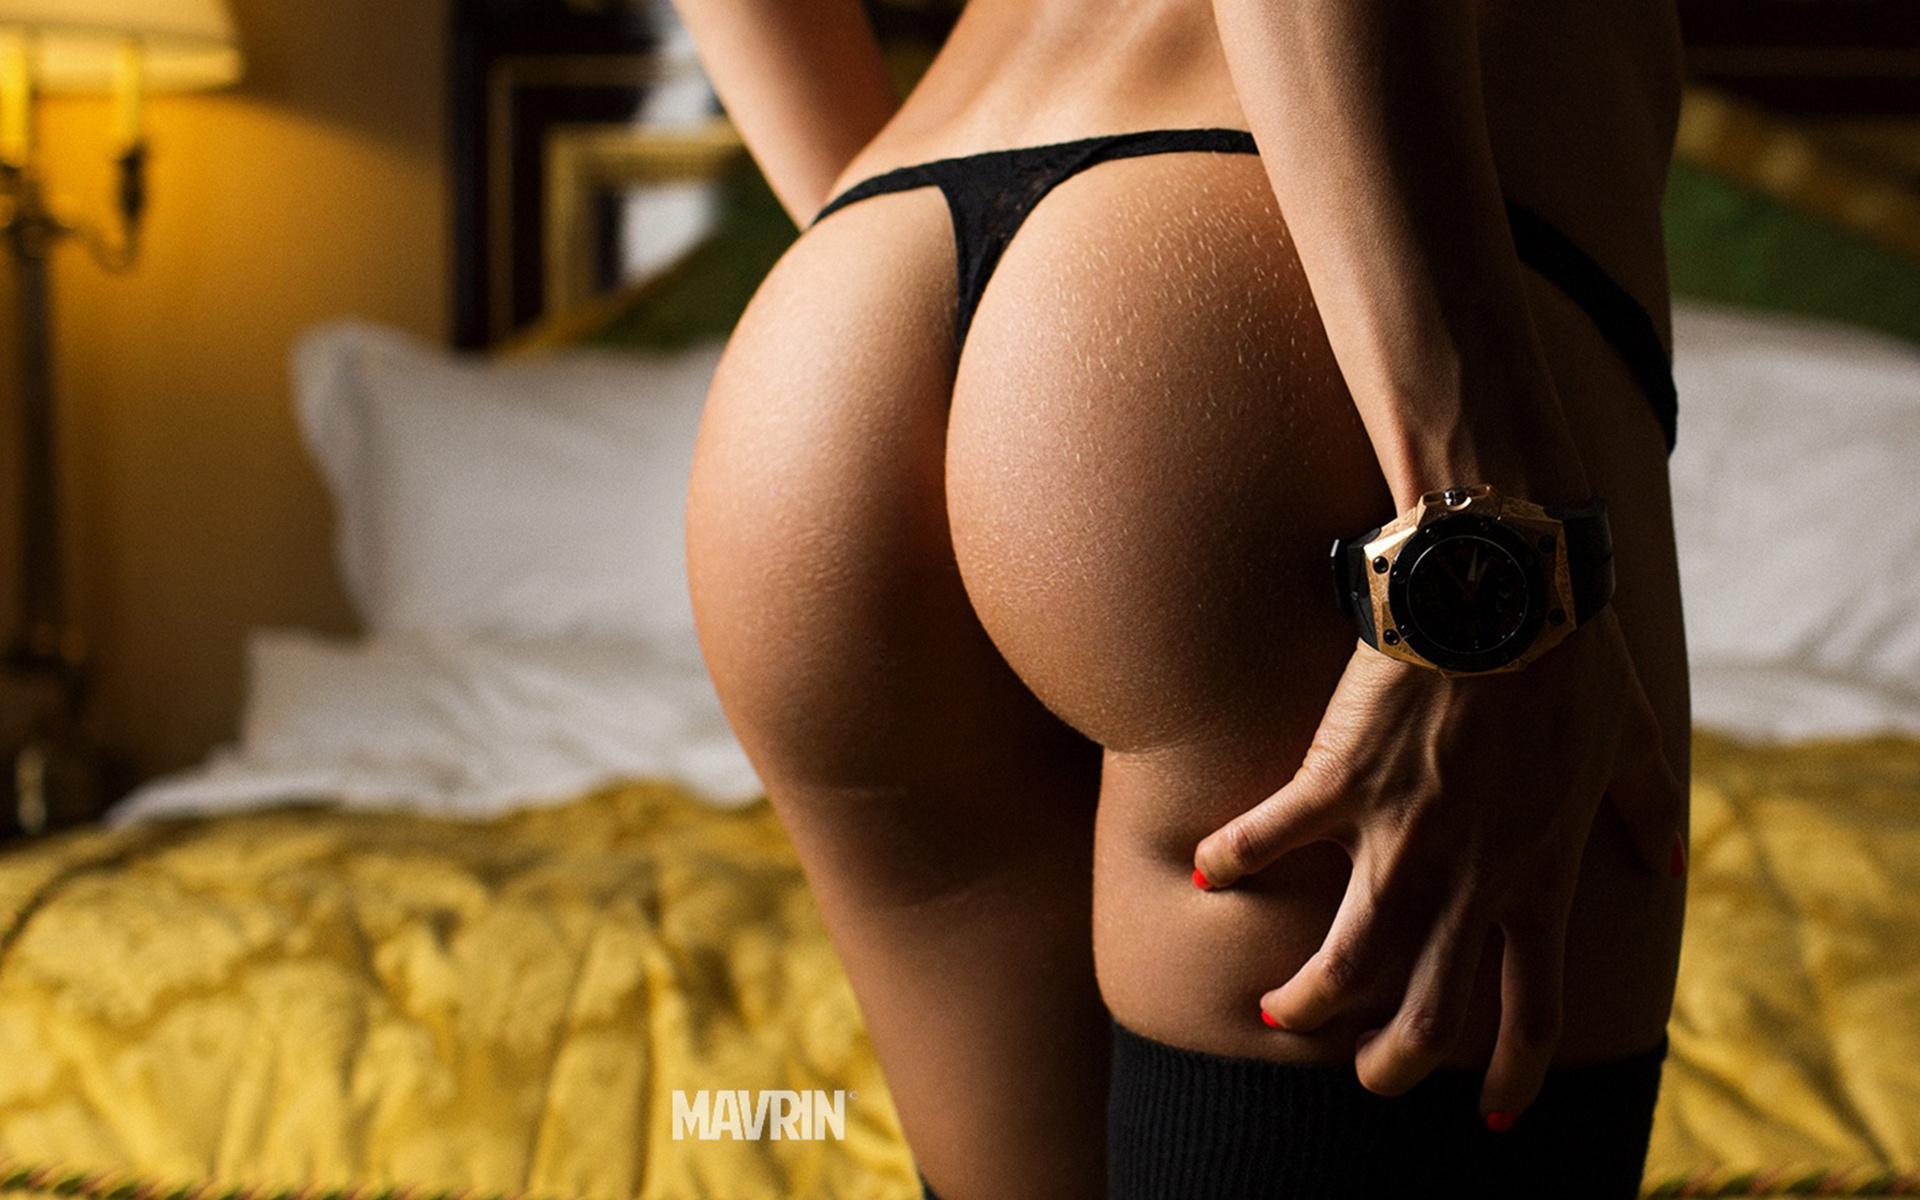 Фото попы худых девушек, Худая голая попа девушки - фото 25 фотография